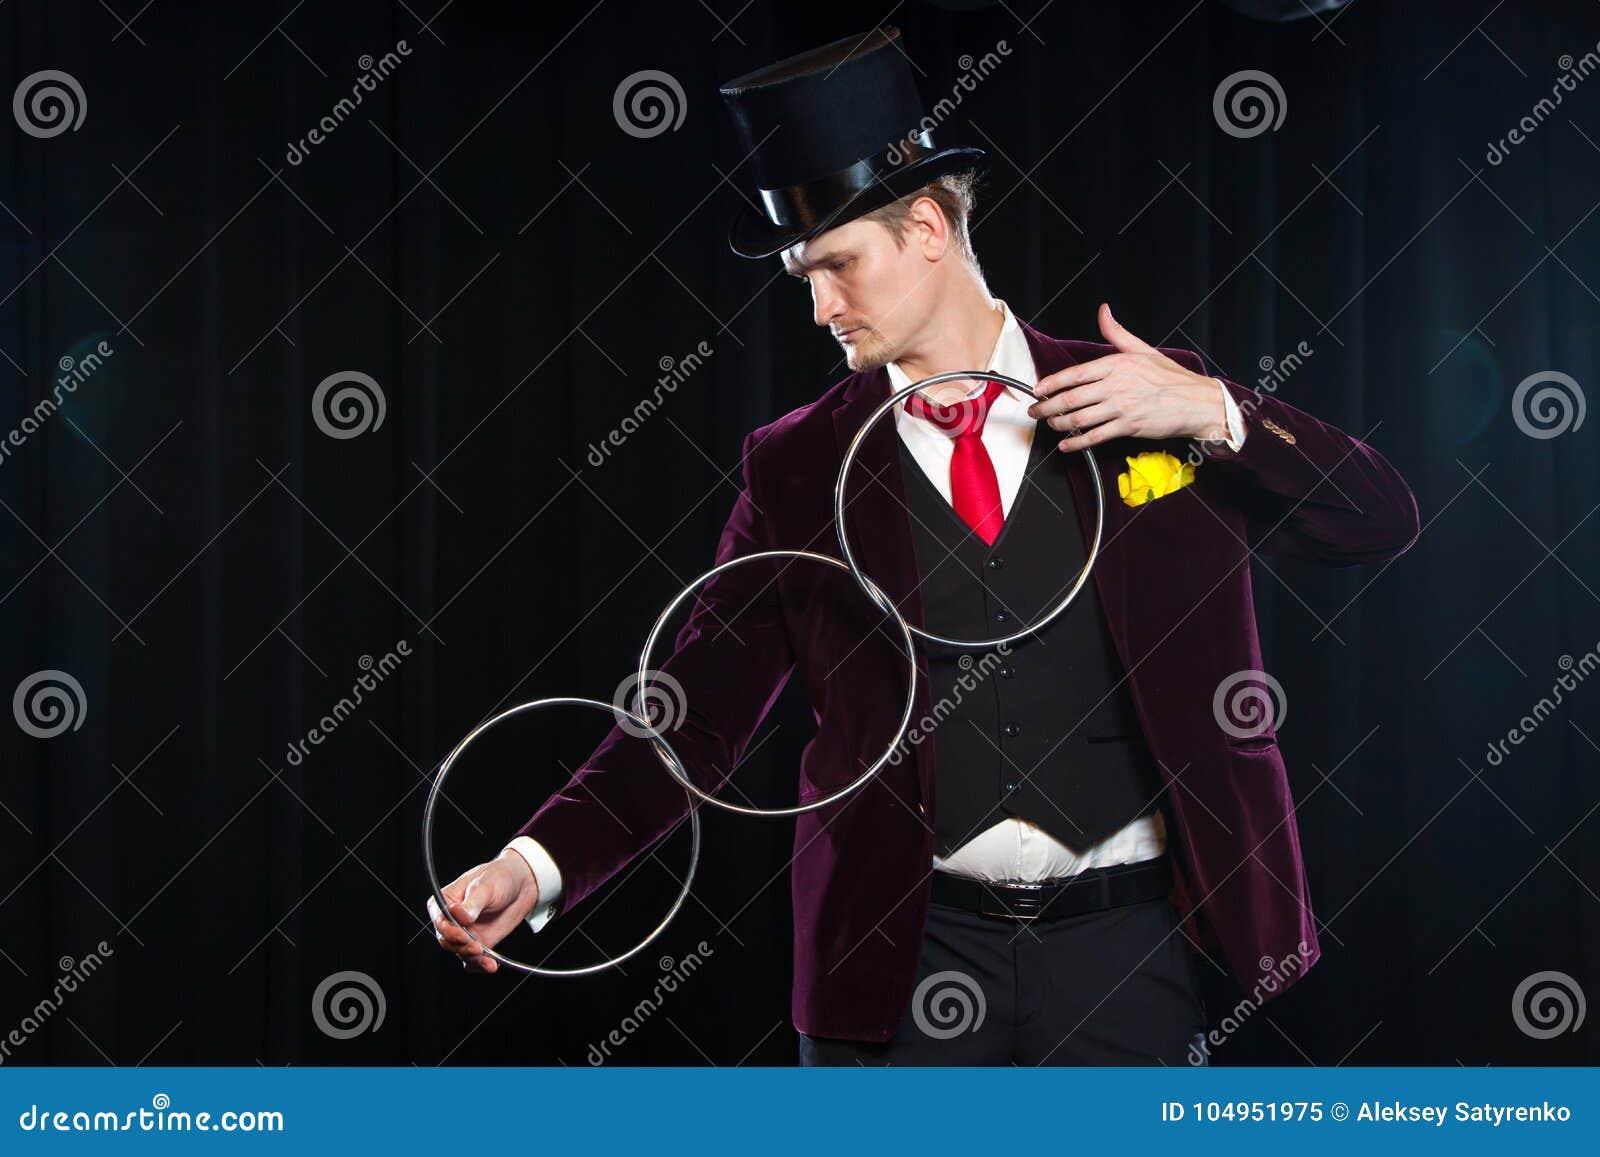 Magie, Leistung, Zirkus, Showkonzept - Magier im Zylindervertretungstrick mit der Verbindung schellt